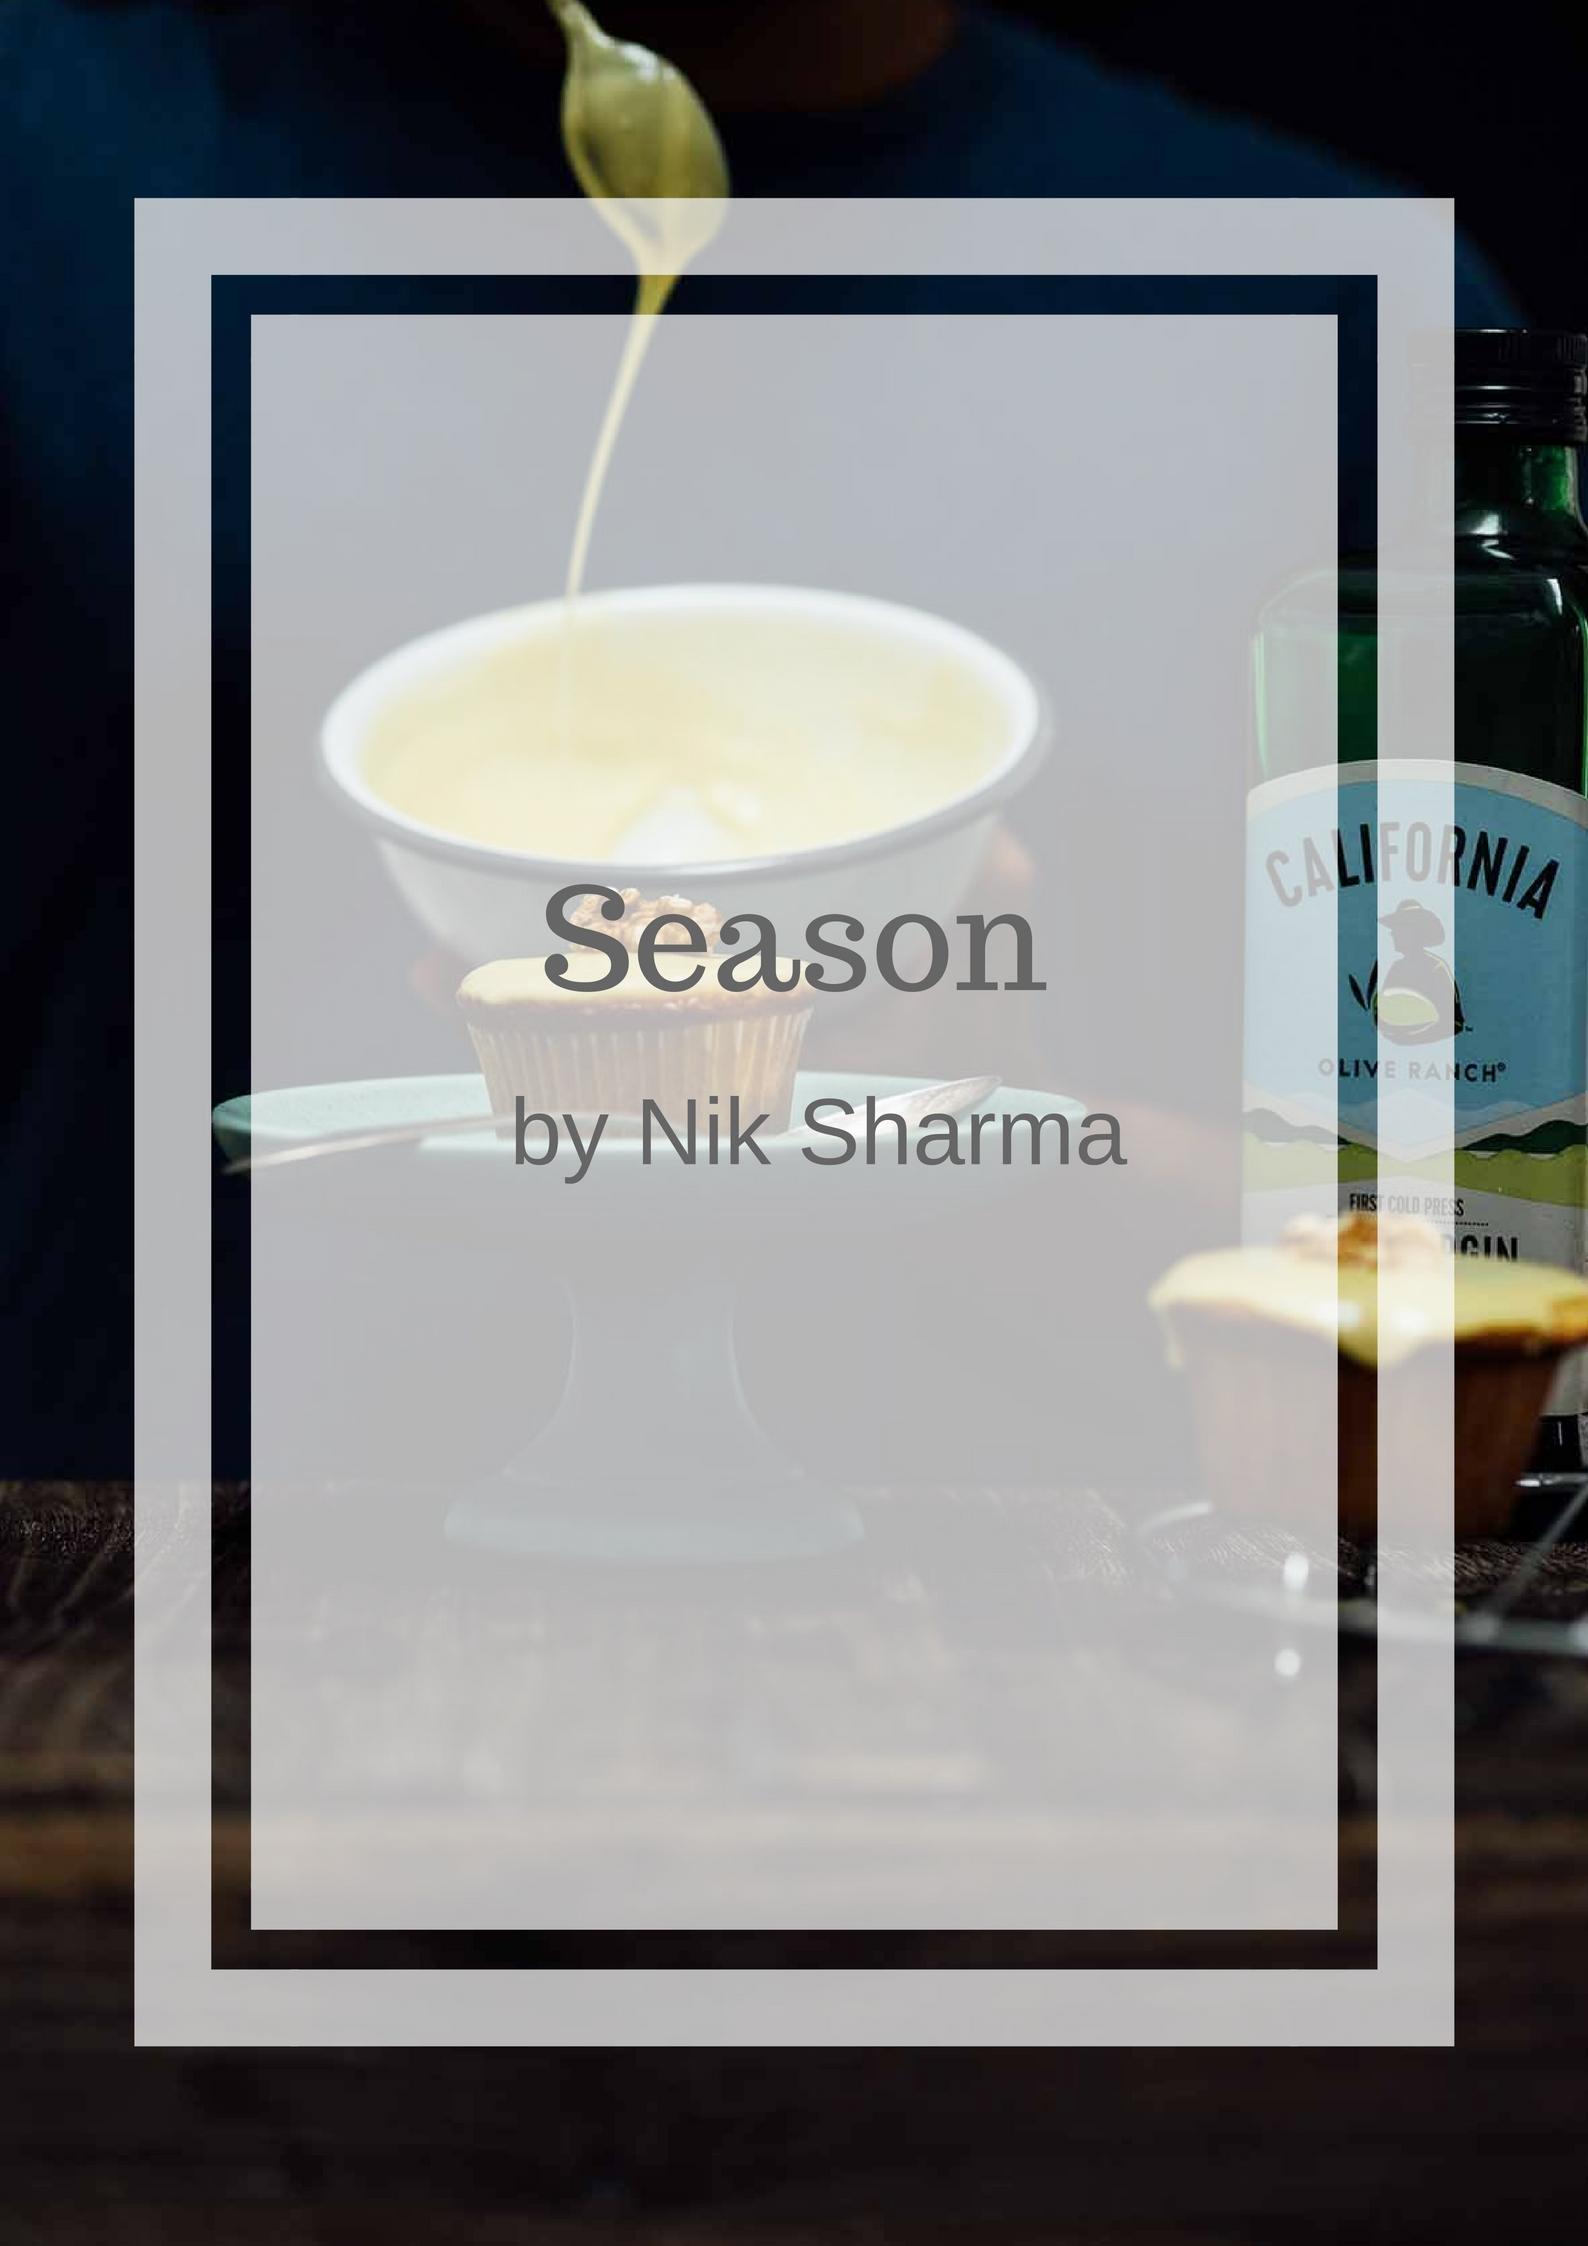 Season Nik Sharma A Brown Table book deal